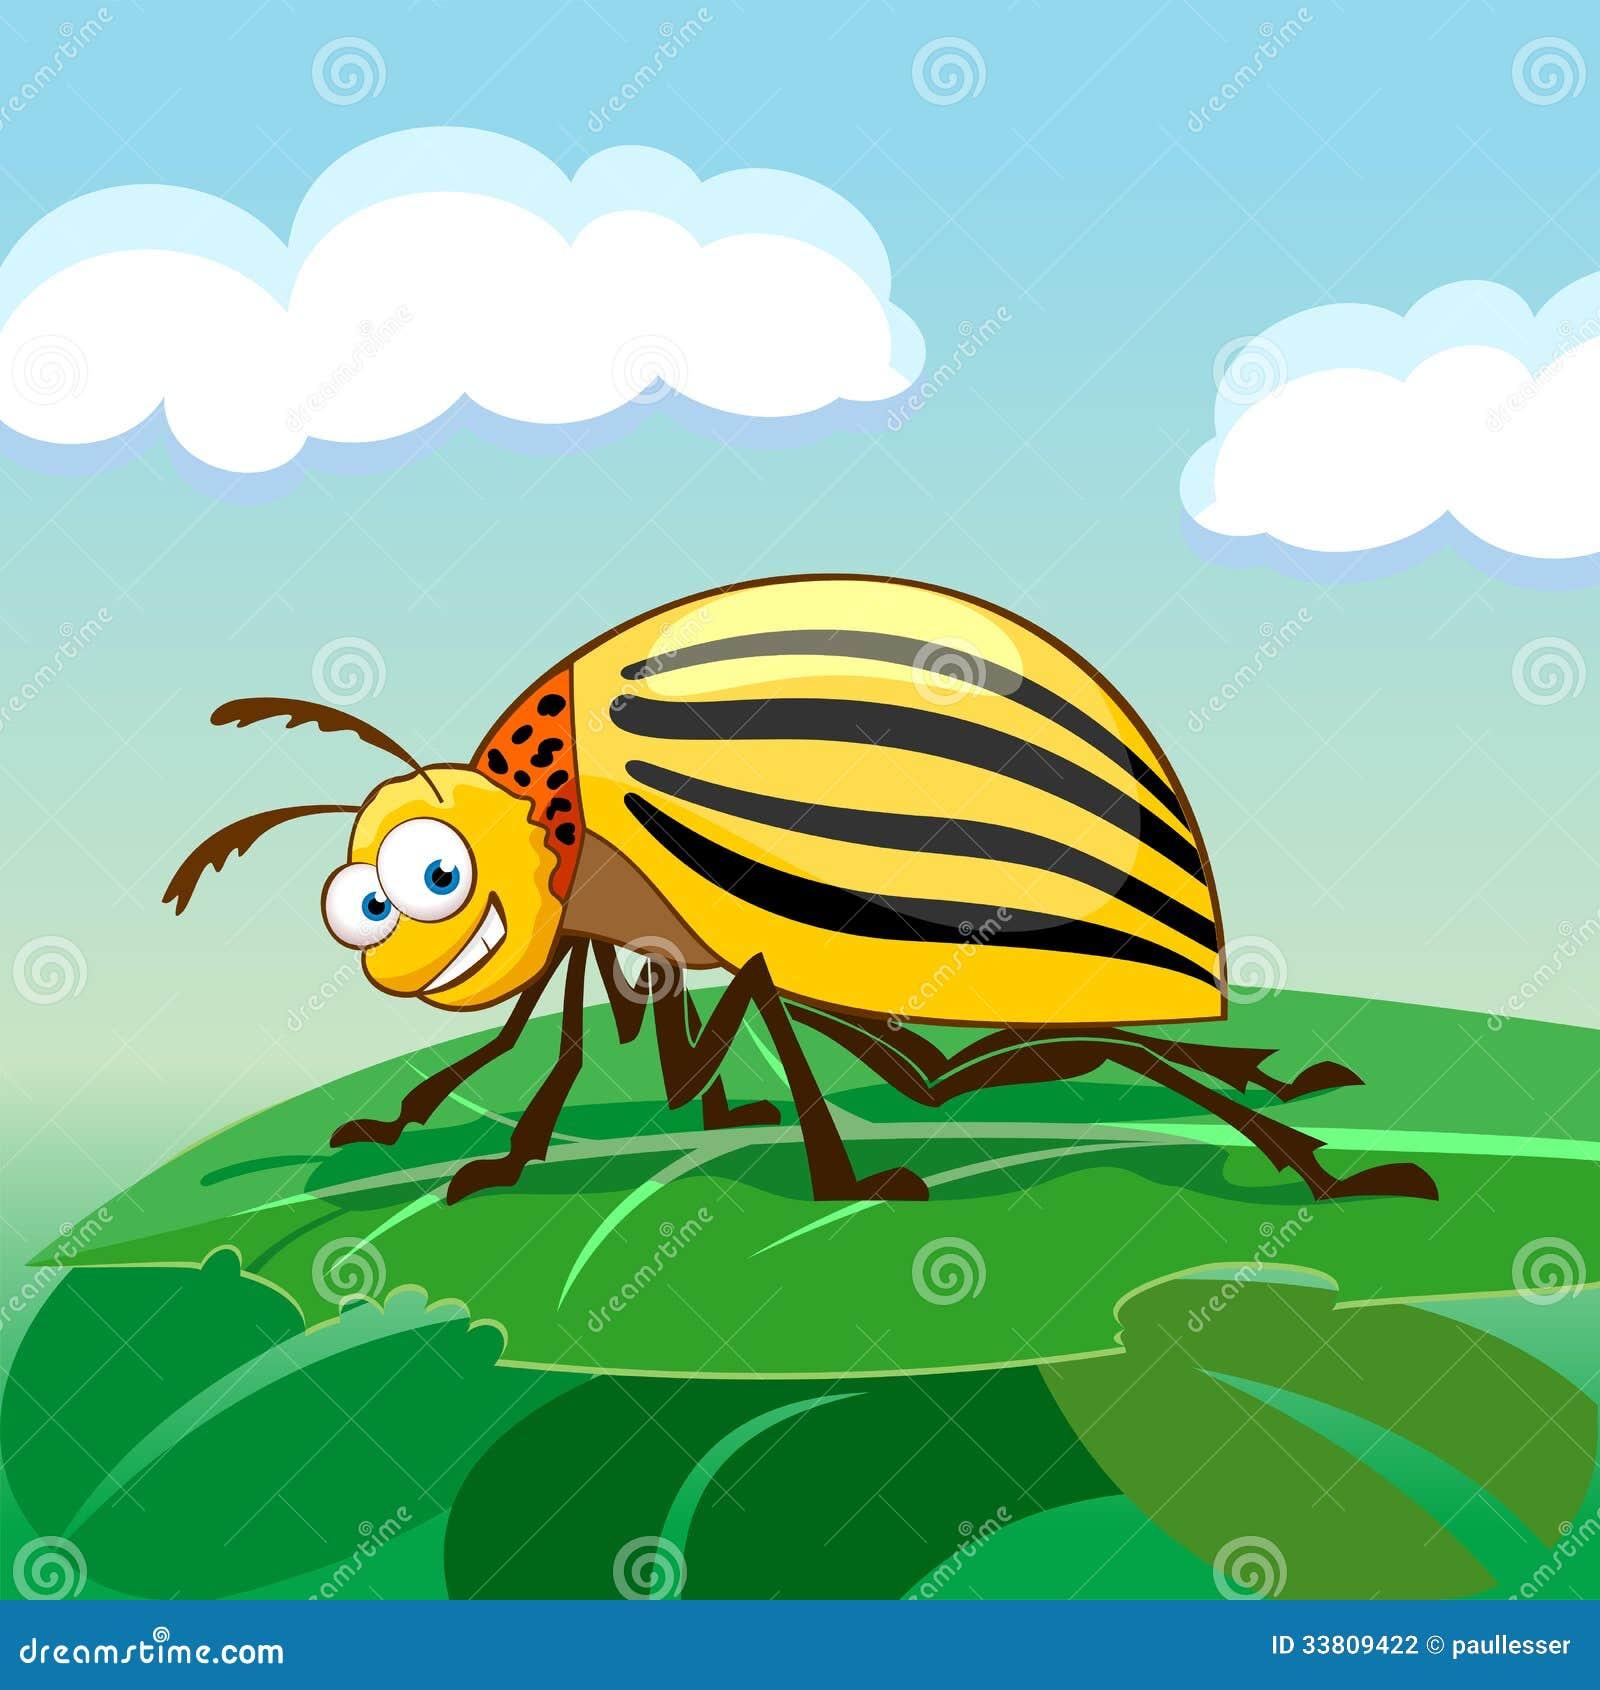 Колорадский жук картинки смешные